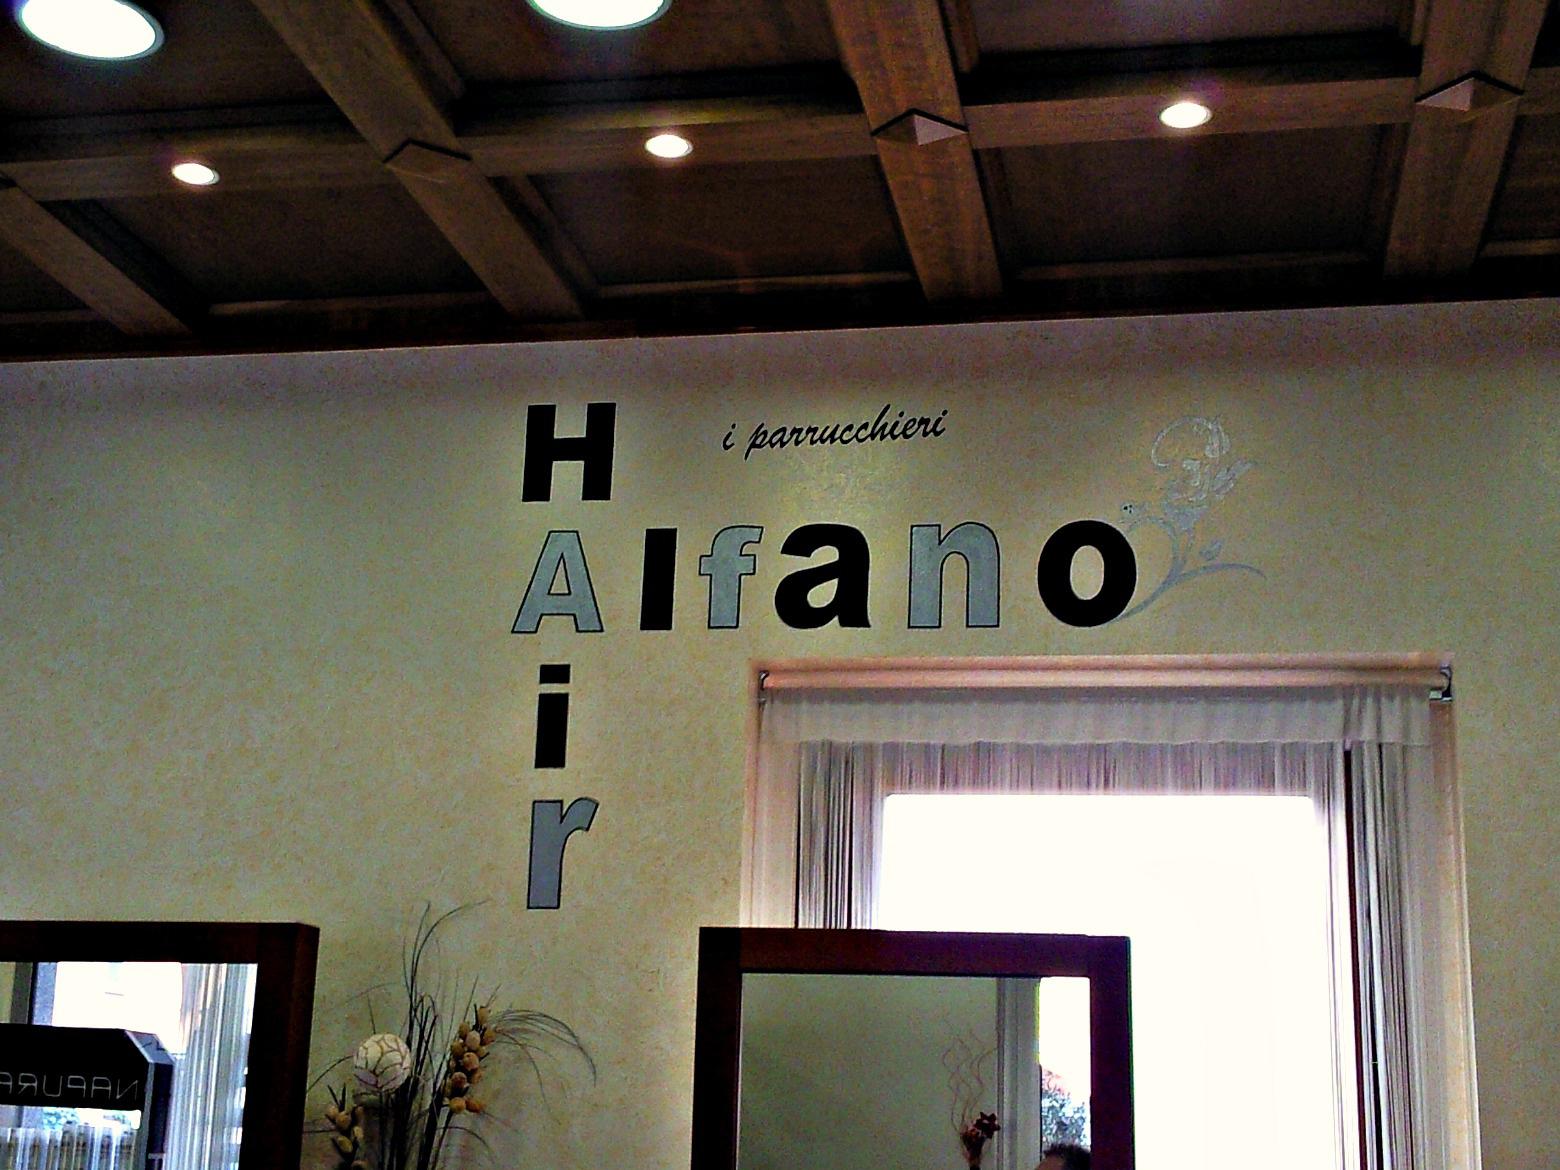 Imbiancatura murale e decorazione effetto spugnato con scritta a mano libera per un negozio di parrucchieri